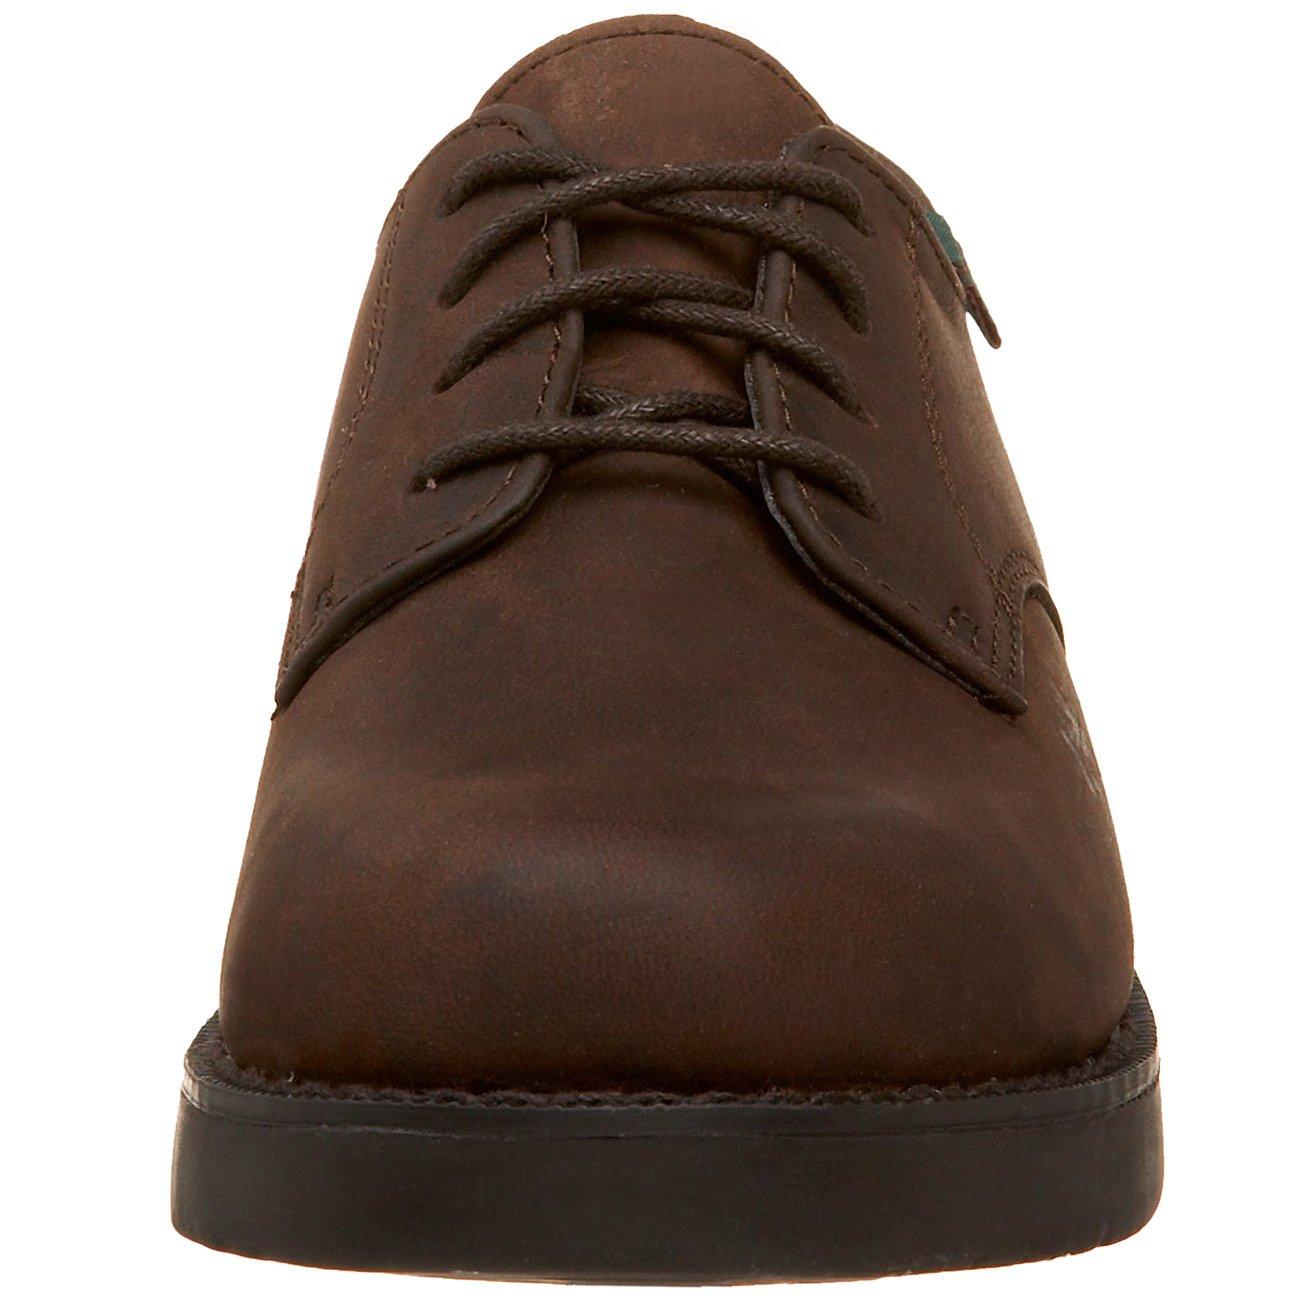 ce50ab1466f1 School 6200 Issue Semester 6200 School - Zapato Oxford para Zapato Niño  Café Oscuro 8952b07 - www.elexaty.online